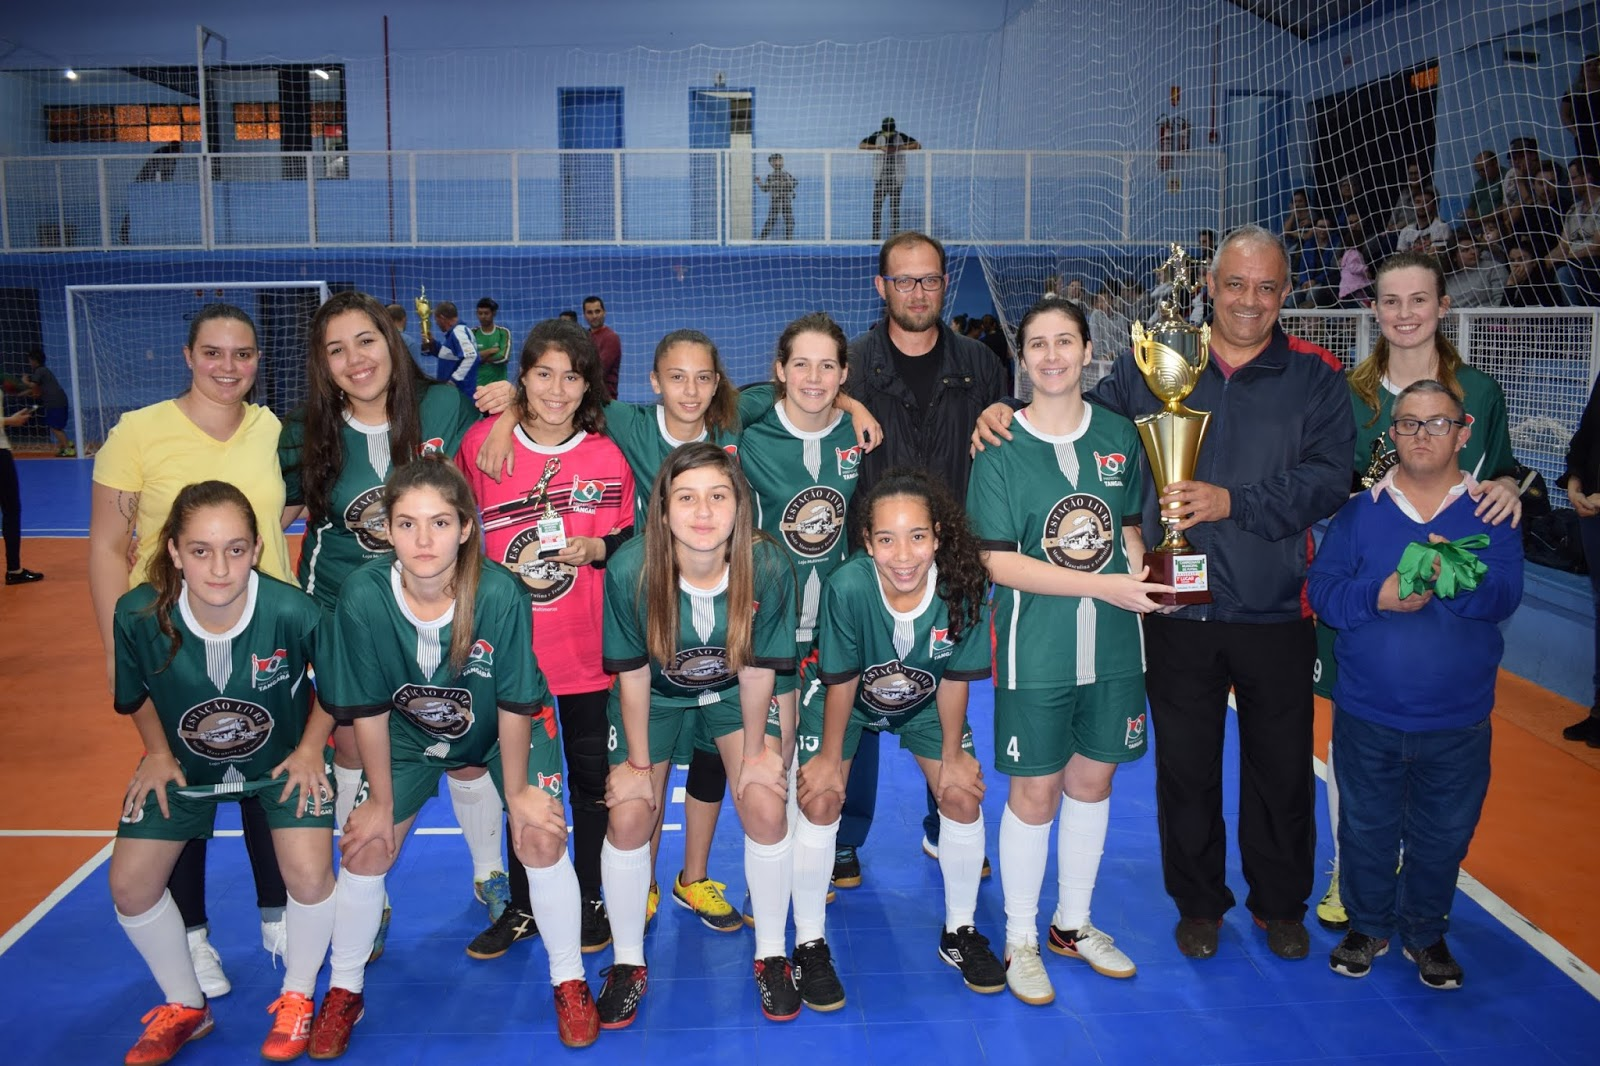 64b77f5574a6a Agência Comunidade   Jornal Vitória  TANGARÁ  Finais do Campeonato ...